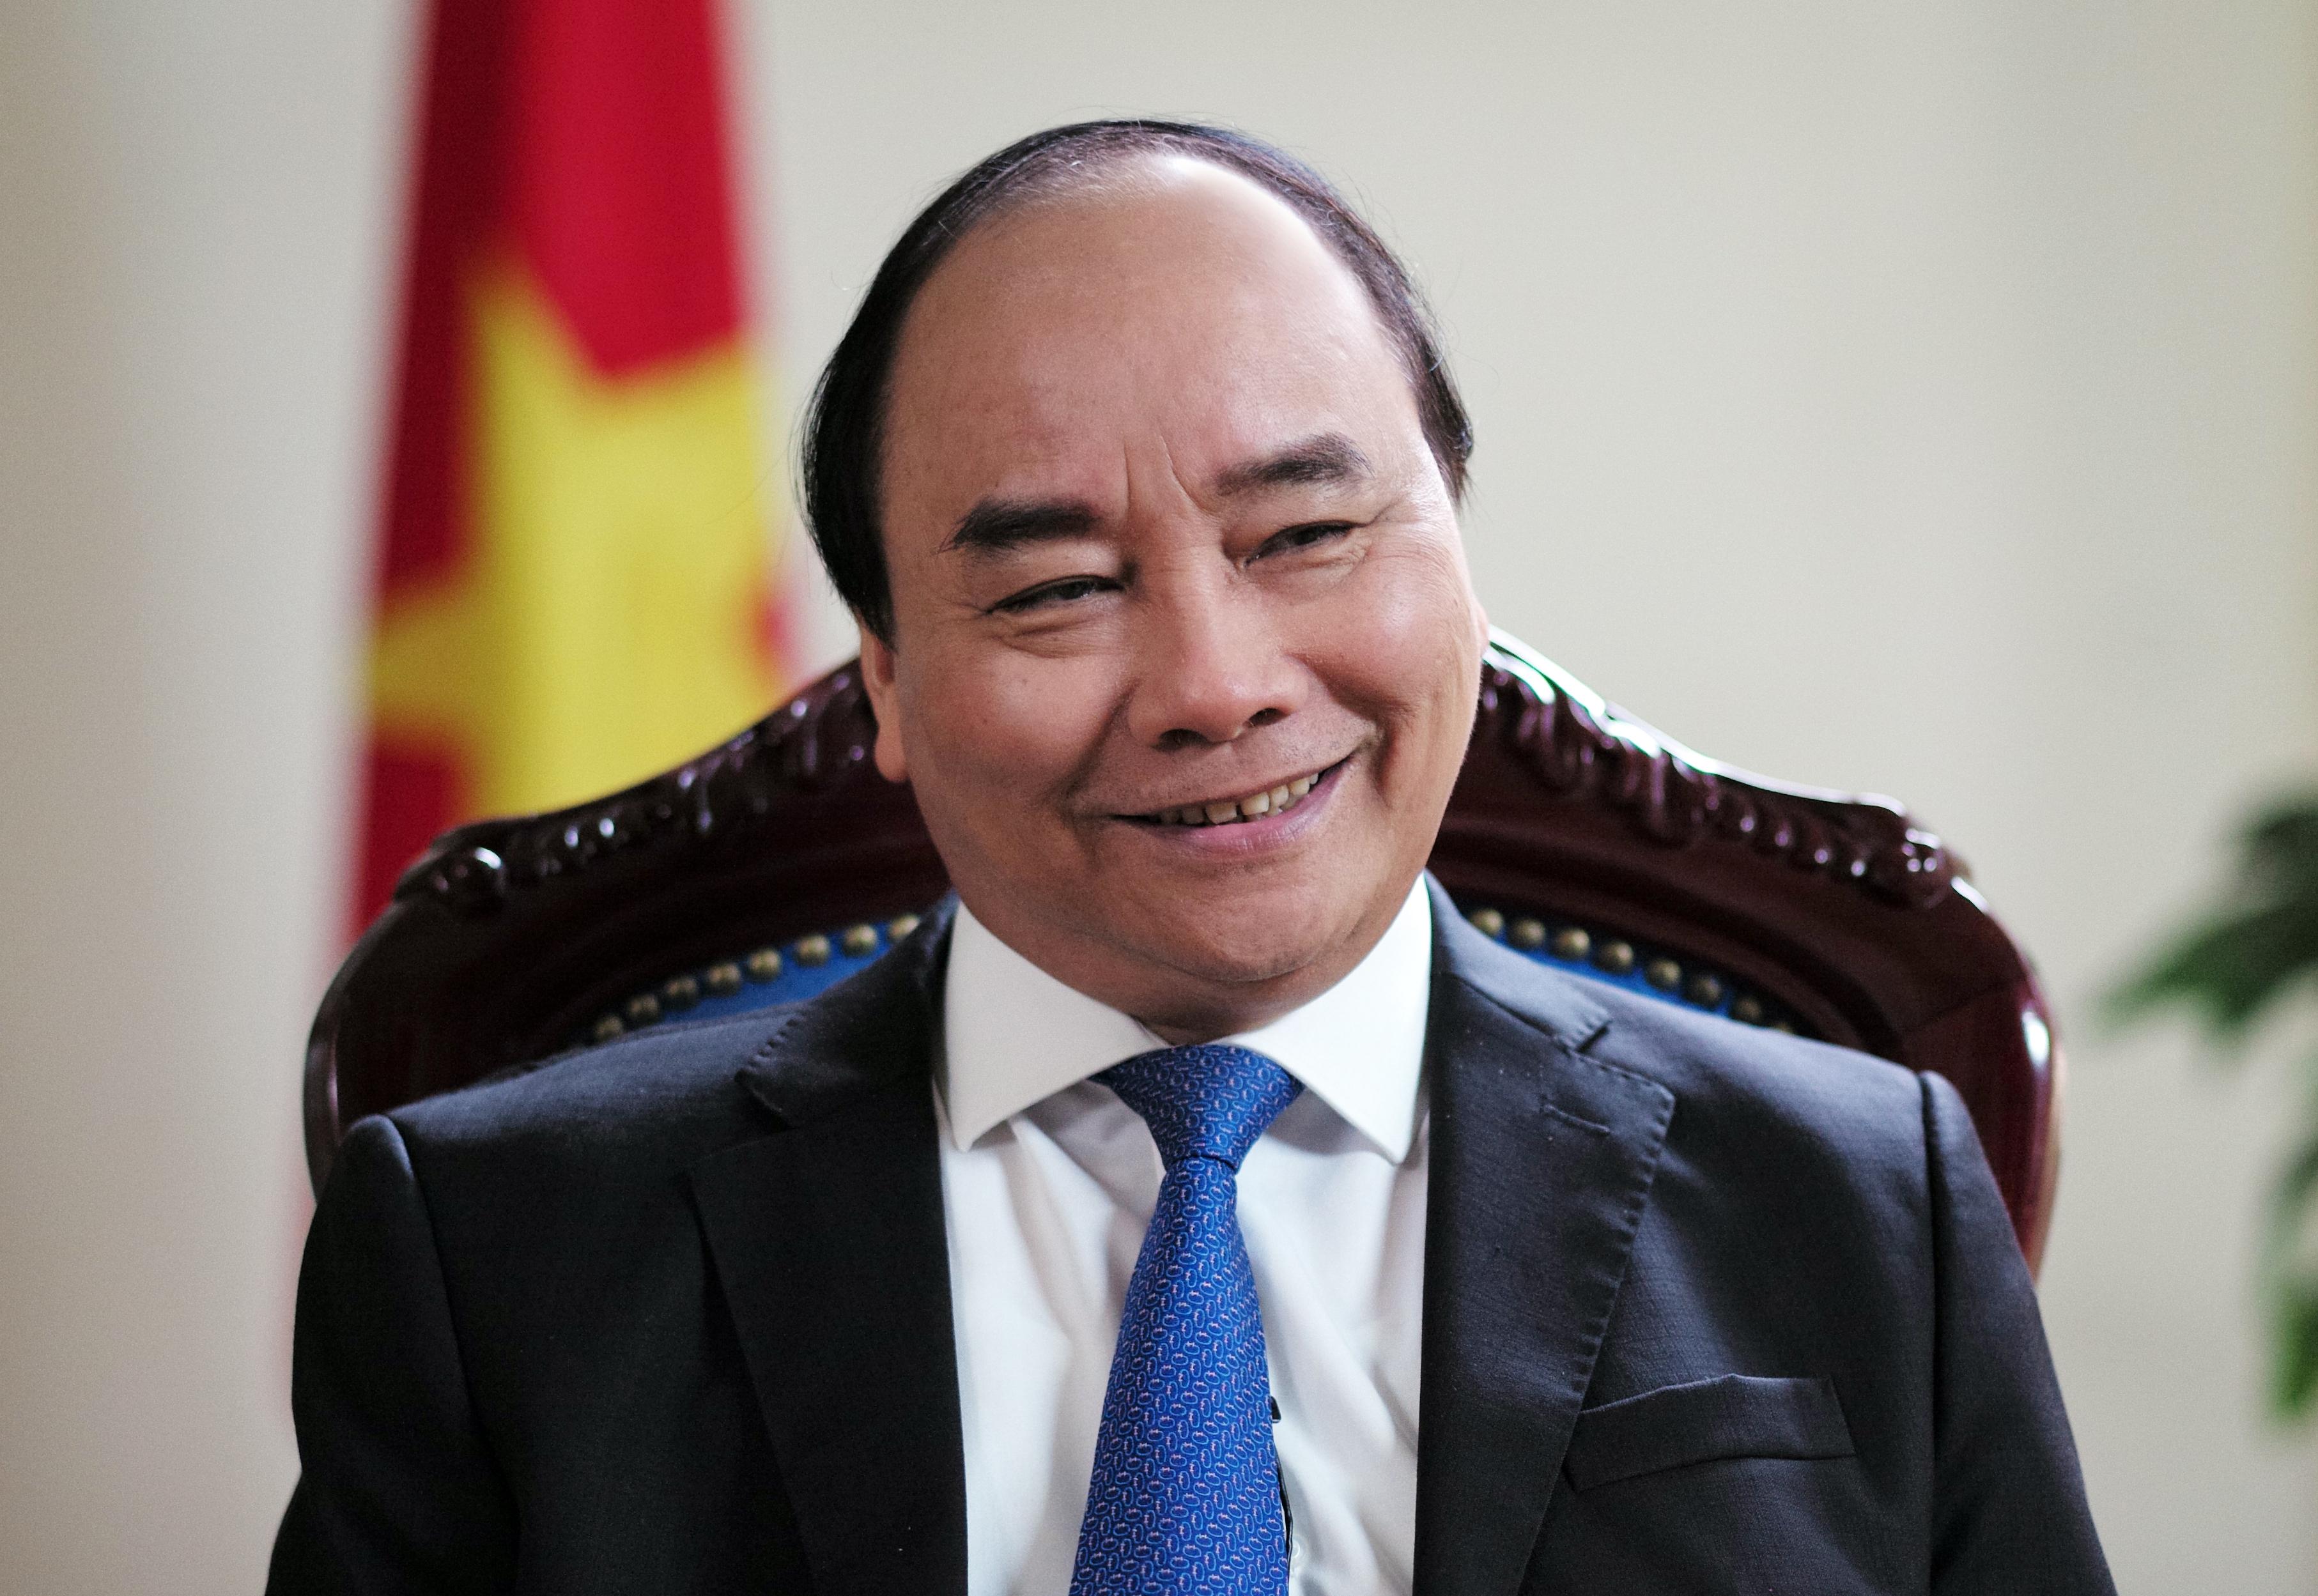 Việt Nam hướng tới Chính phủ số và nền kinh tế số, xã hội số